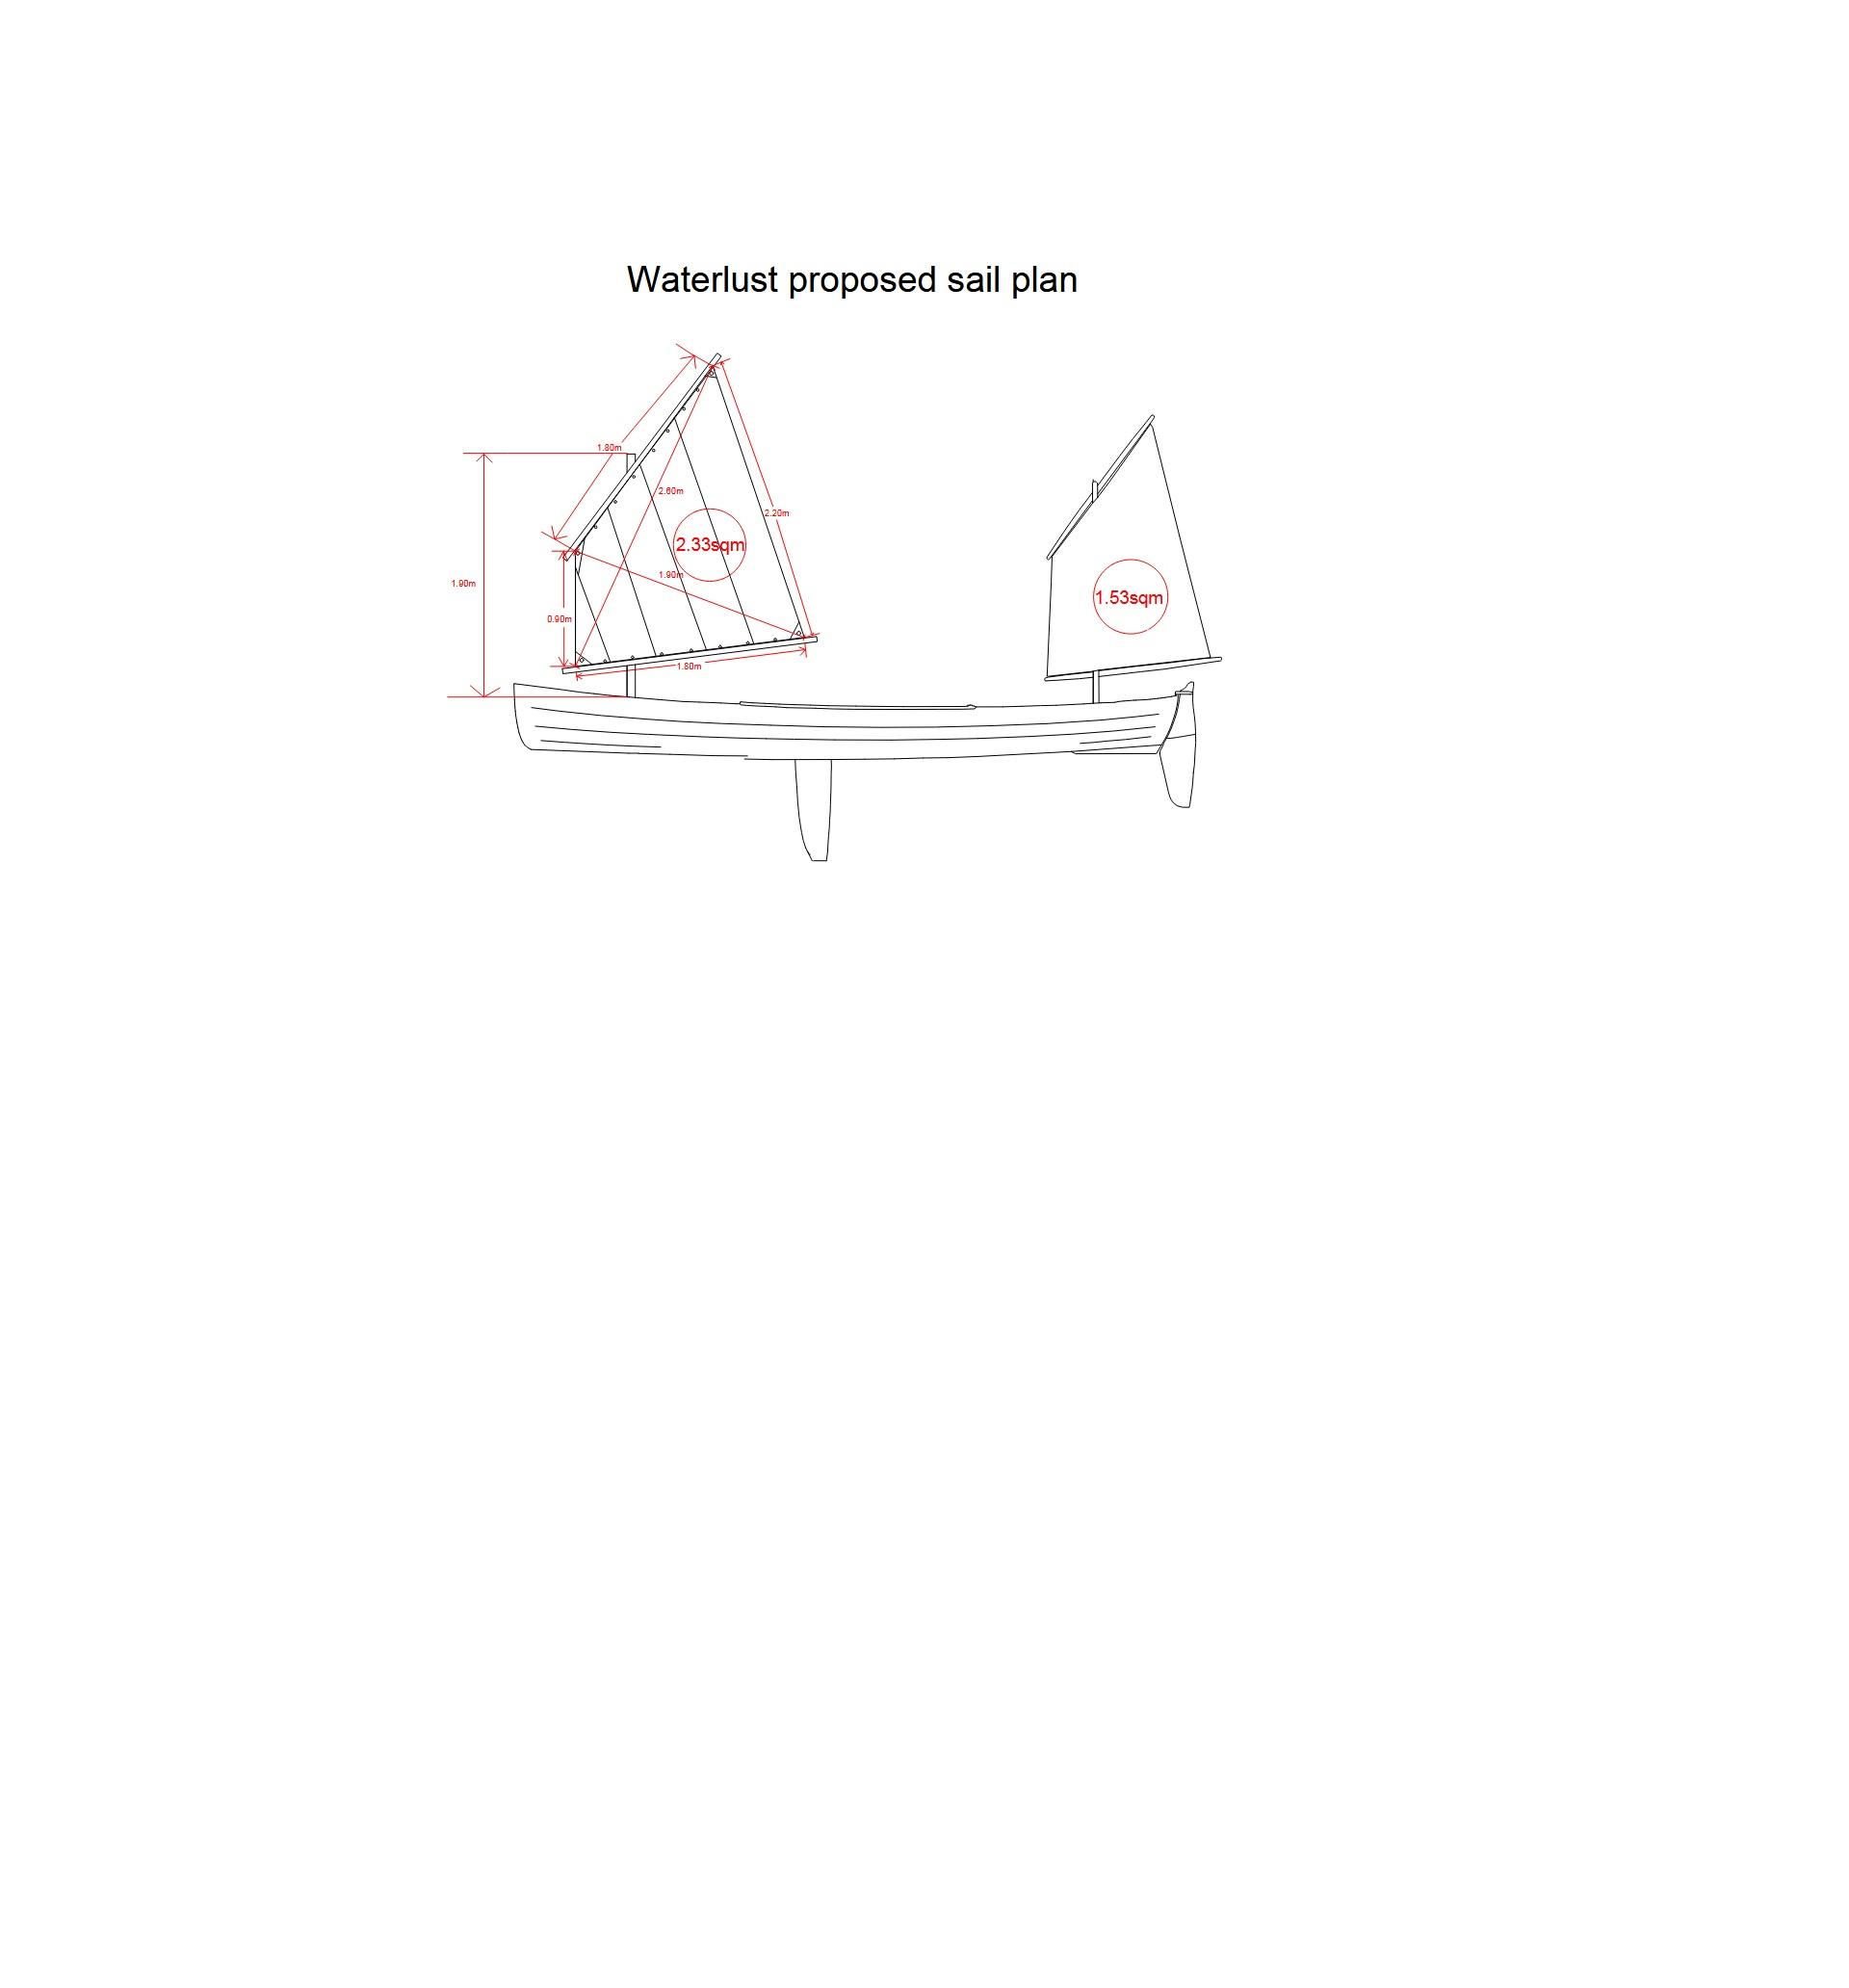 Waterlust-proposed-sail-plan.jpg